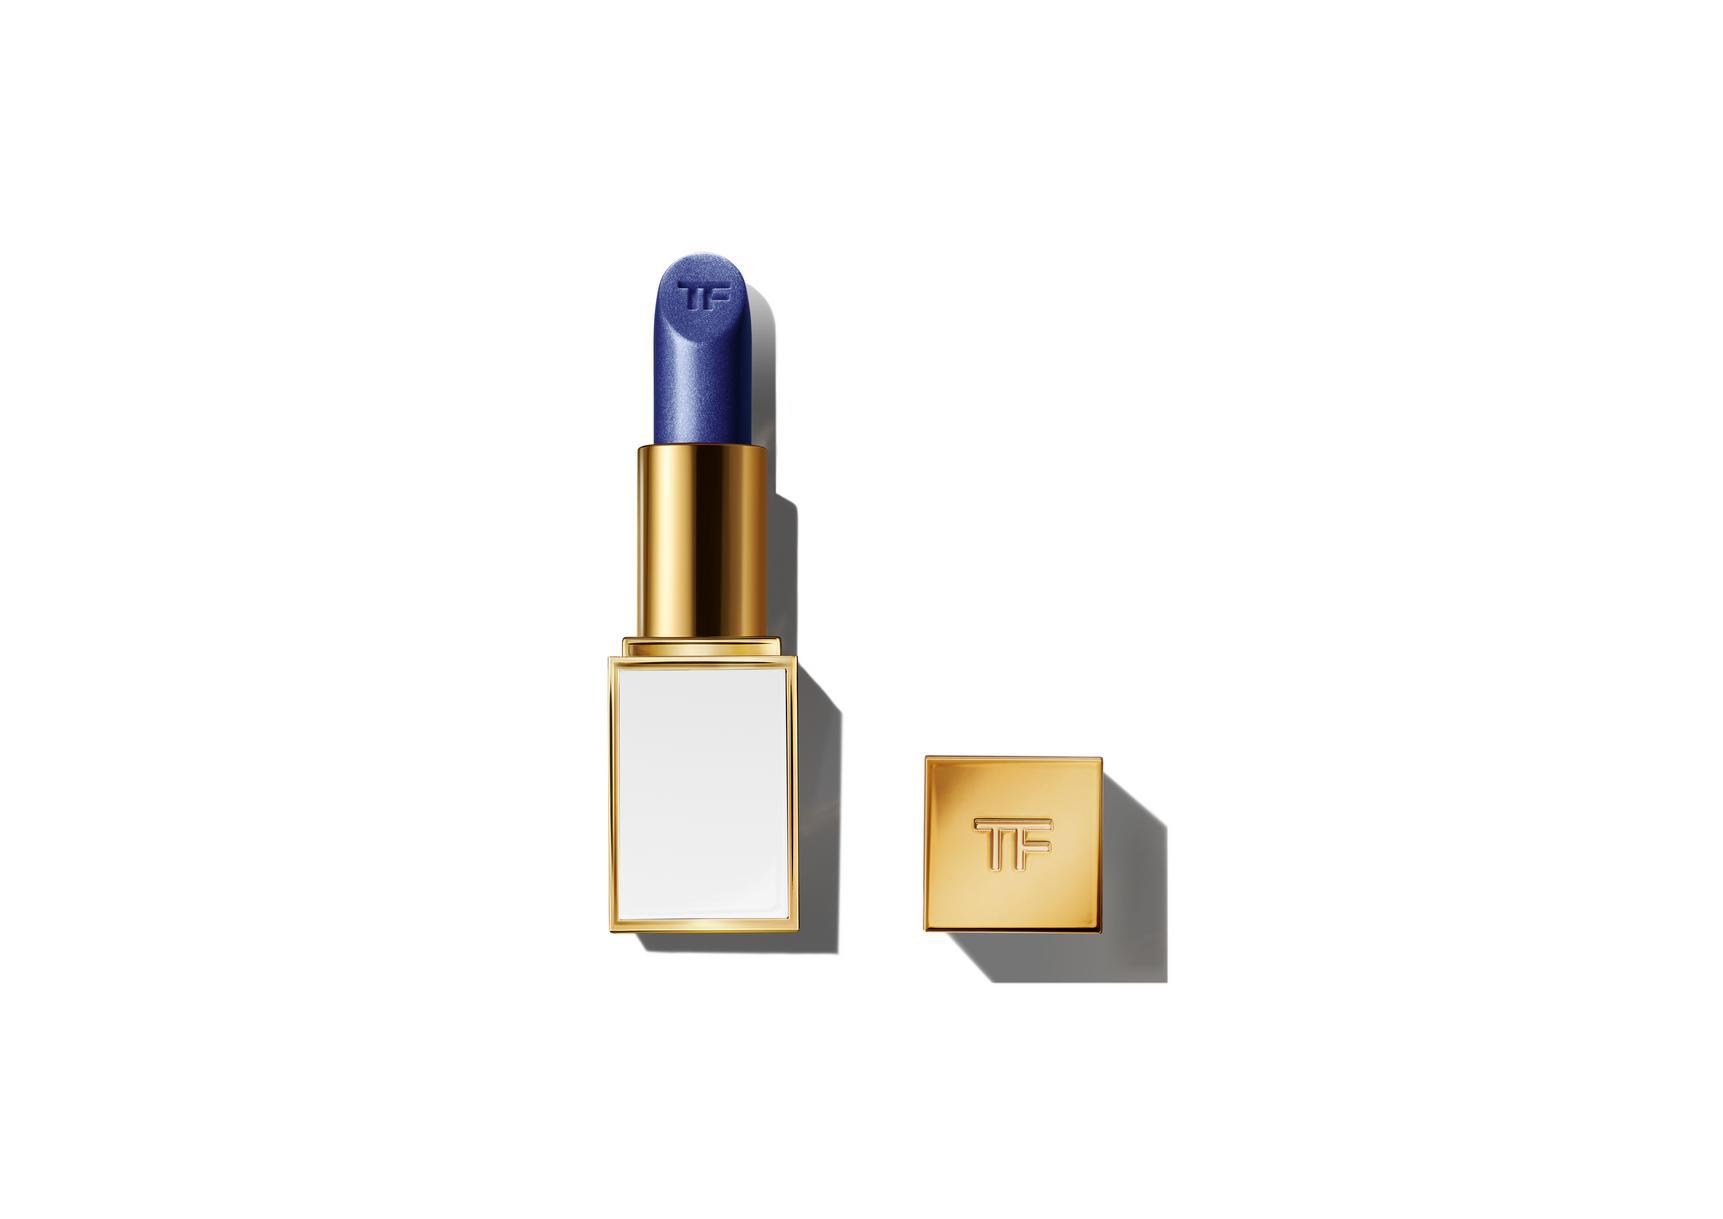 Spell-ometer November 2018 - Tom Ford Cardi B Lipstick